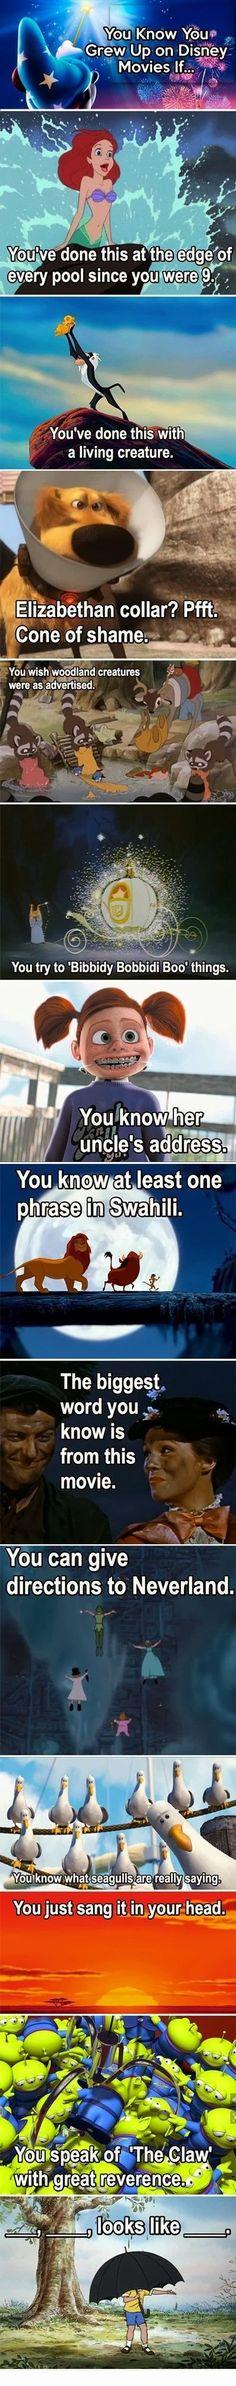 Oh yes - memories of Stephanie as Ariel - LOL!